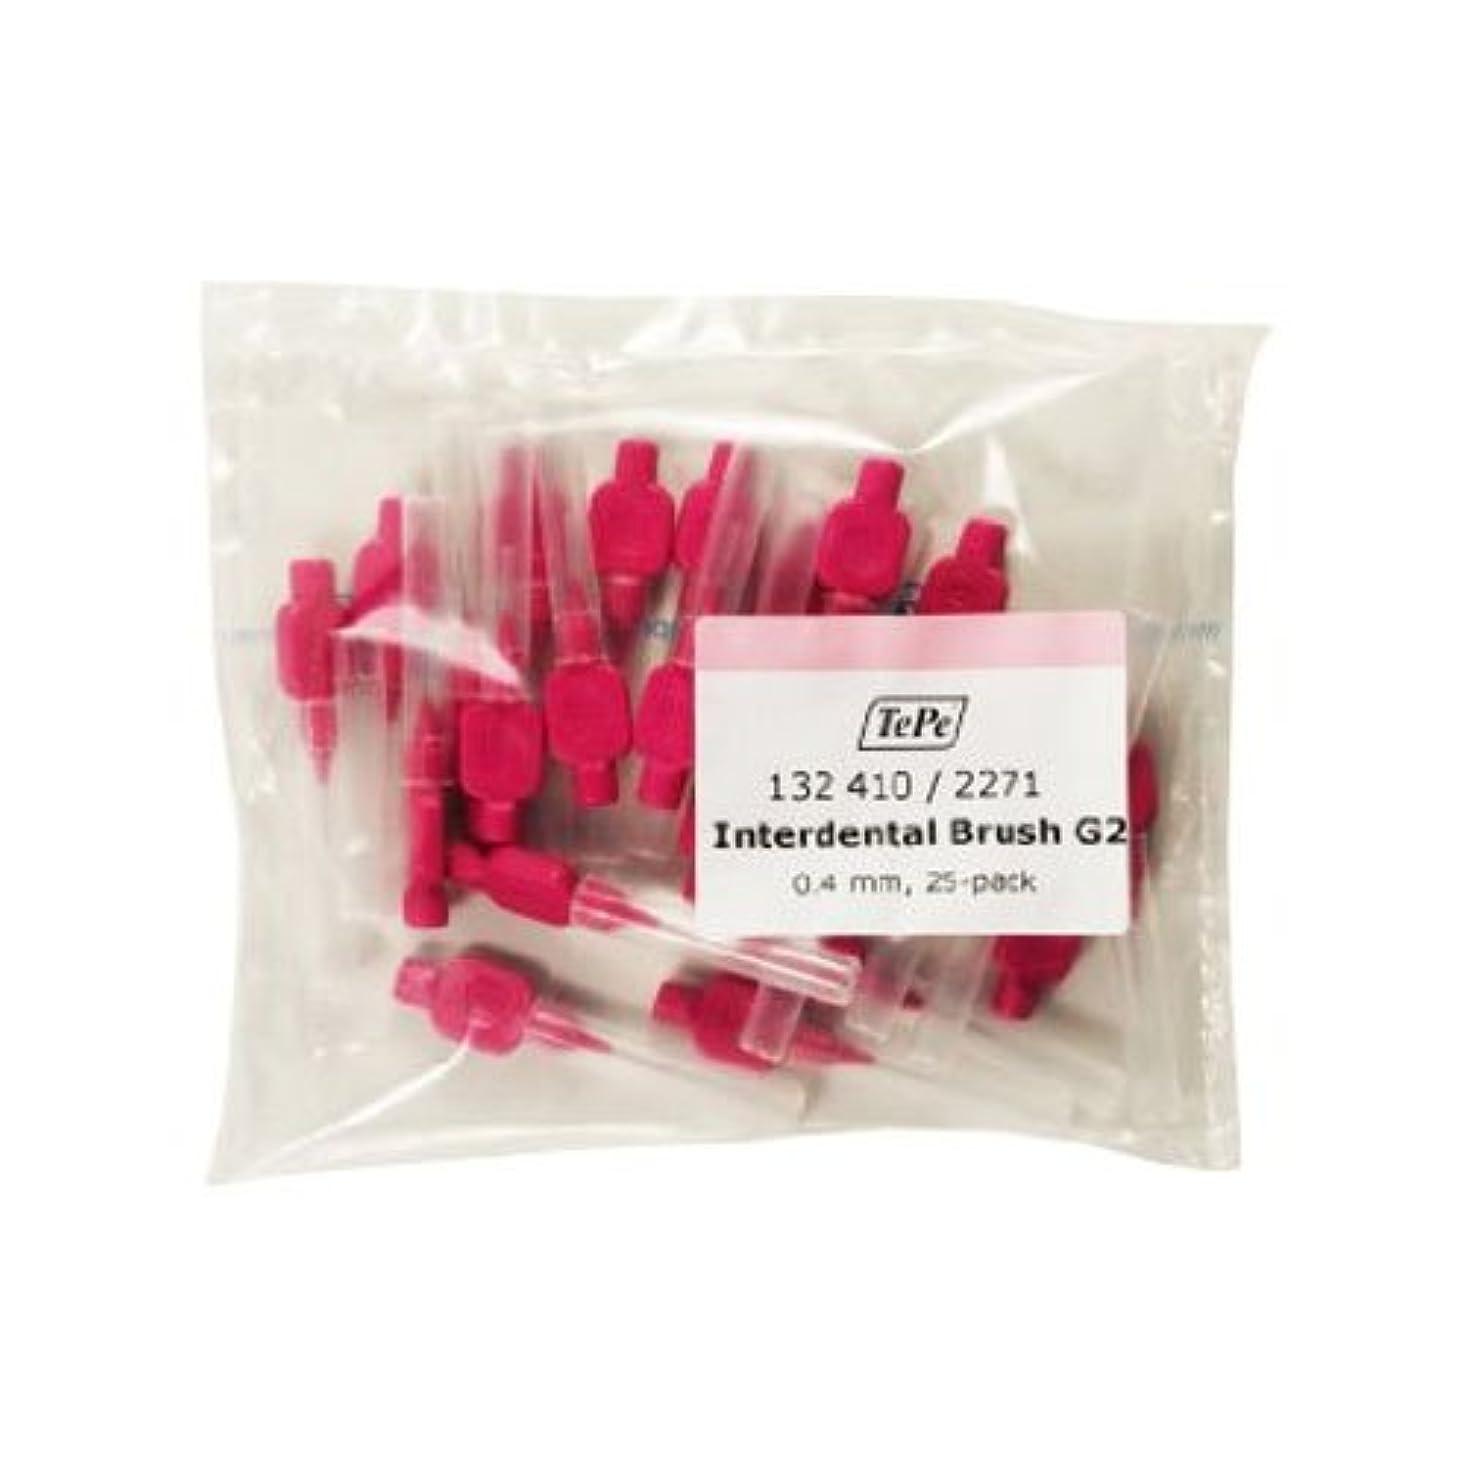 啓発する苦しむセンチメンタルTePe 0.4 mm Size 0 Interdental G2 Brush - Pack of 25 by TePe